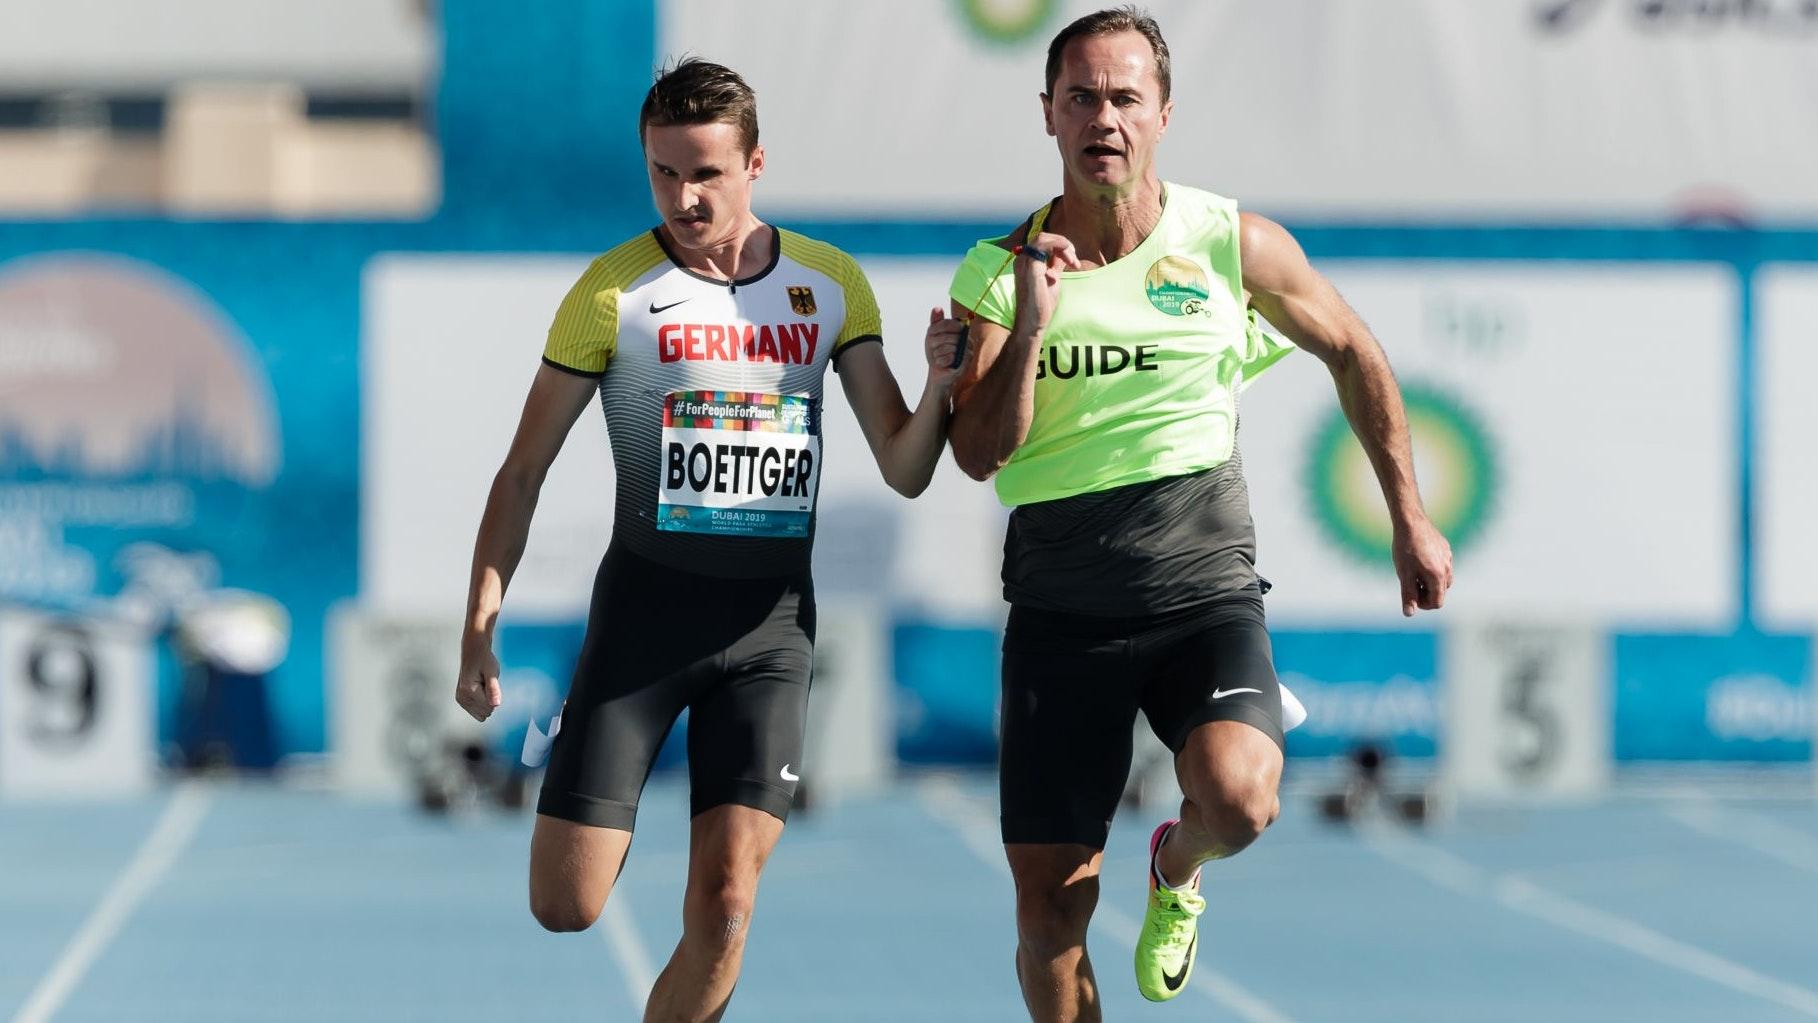 """Gemeinsam schnell: Marcel Böttger (links) und Alexander Kosenkow, hier bei den """"World Para Athletics Championships"""" im November 2019 in Dubai. Foto: Binh Truong/DBS"""